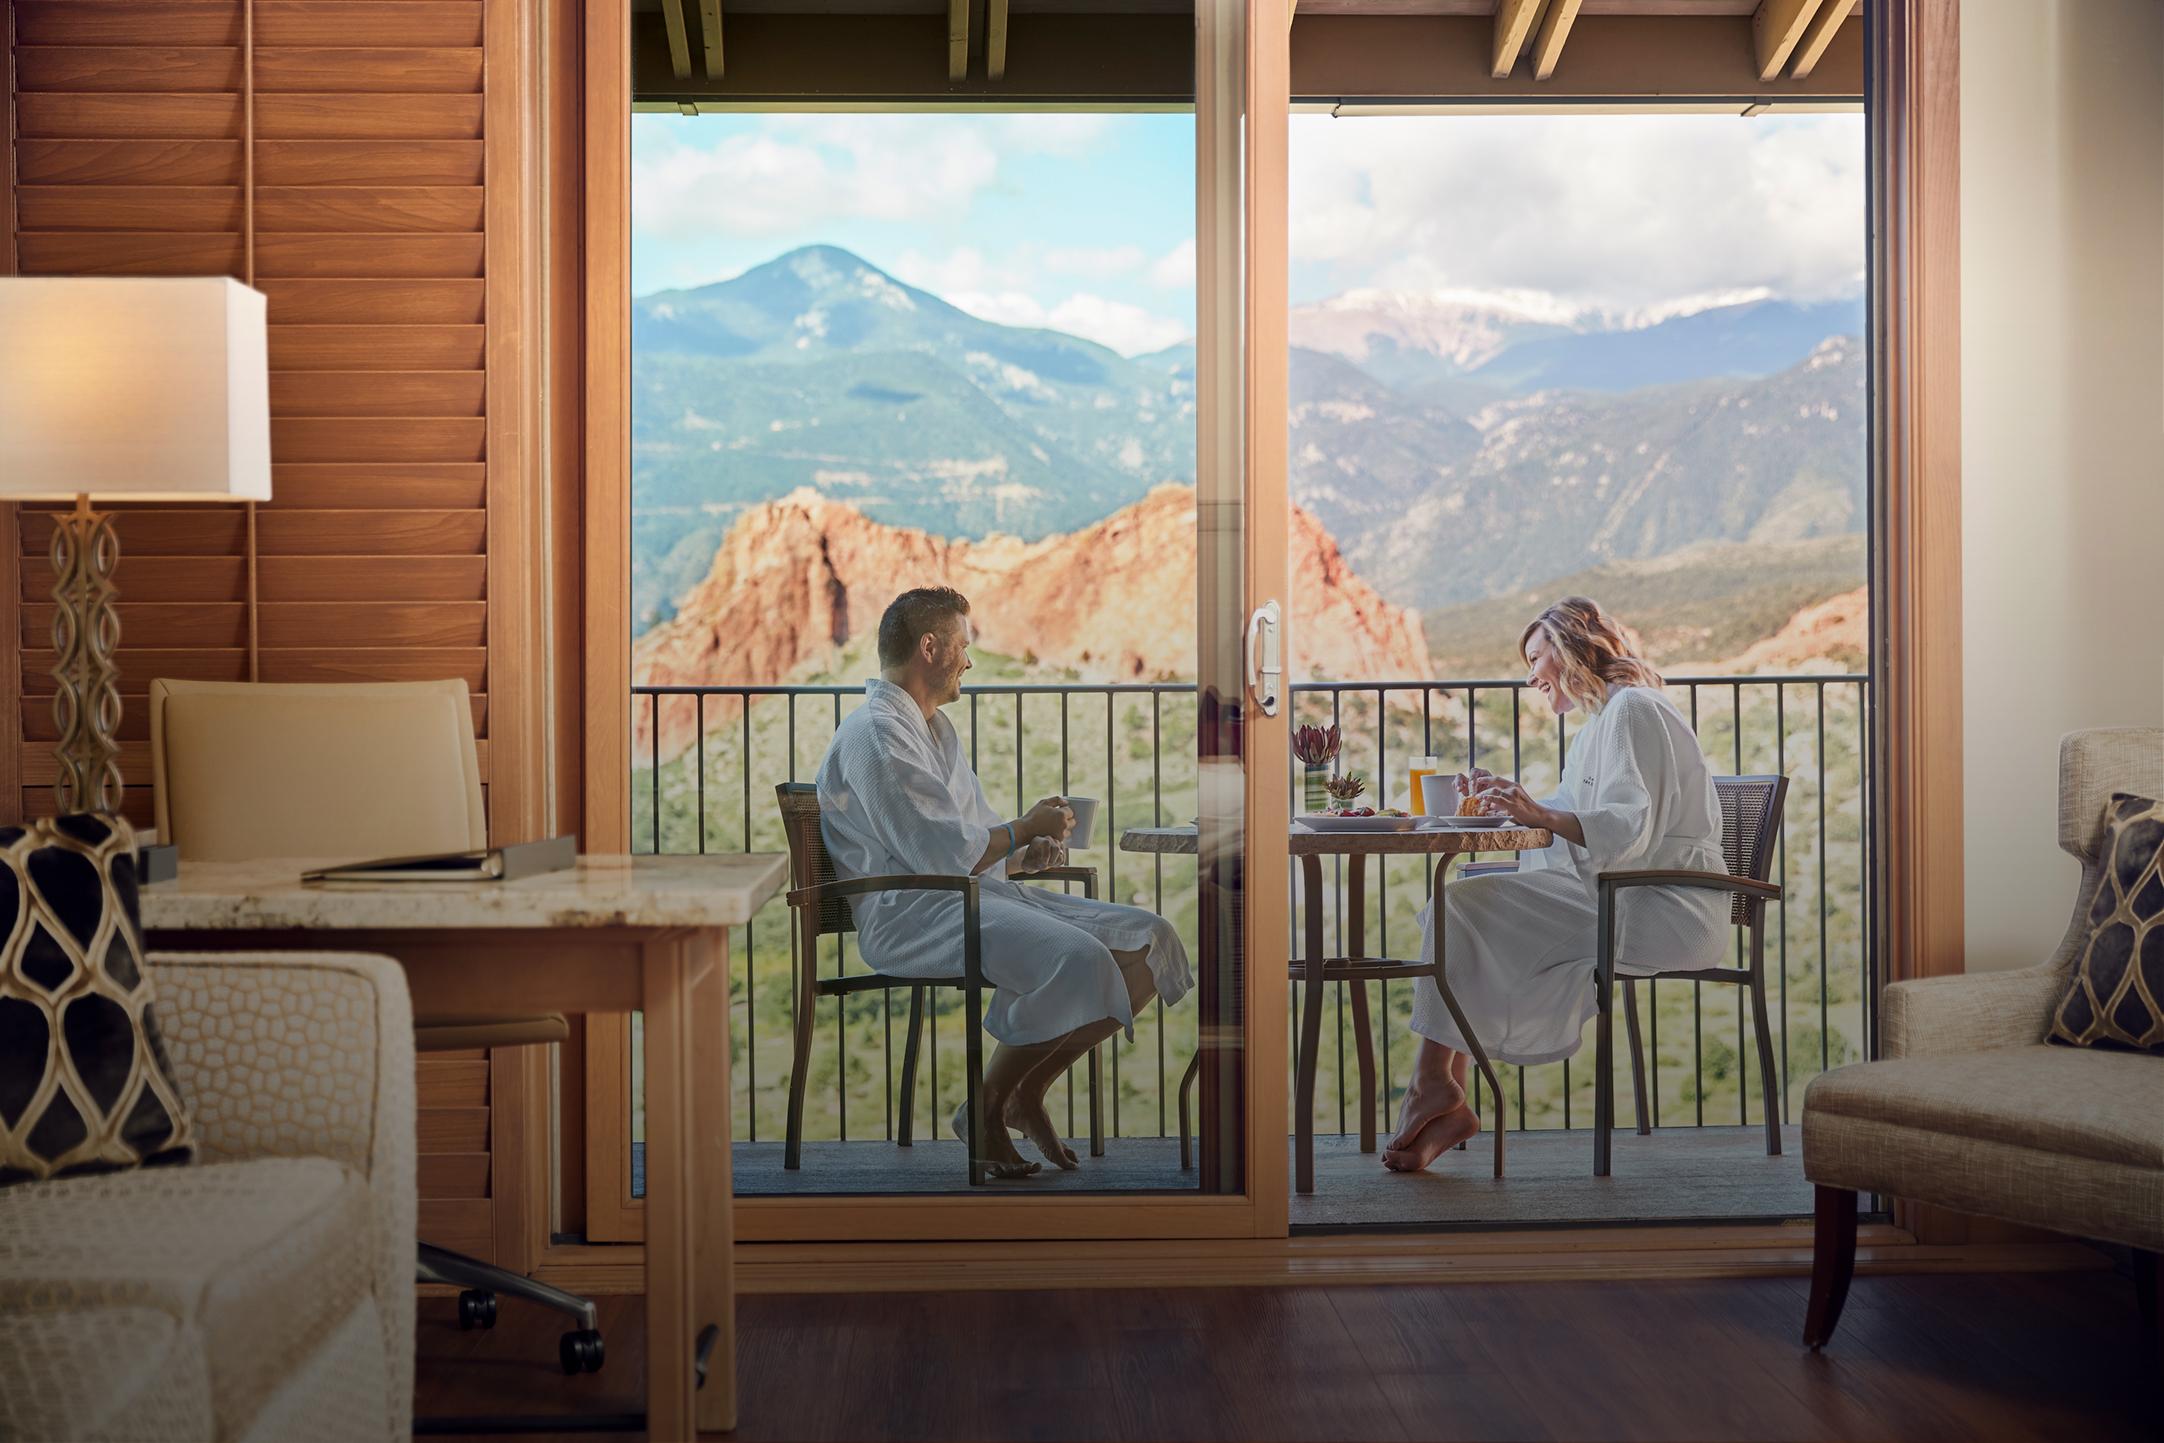 couple eating breakfast on the balcony